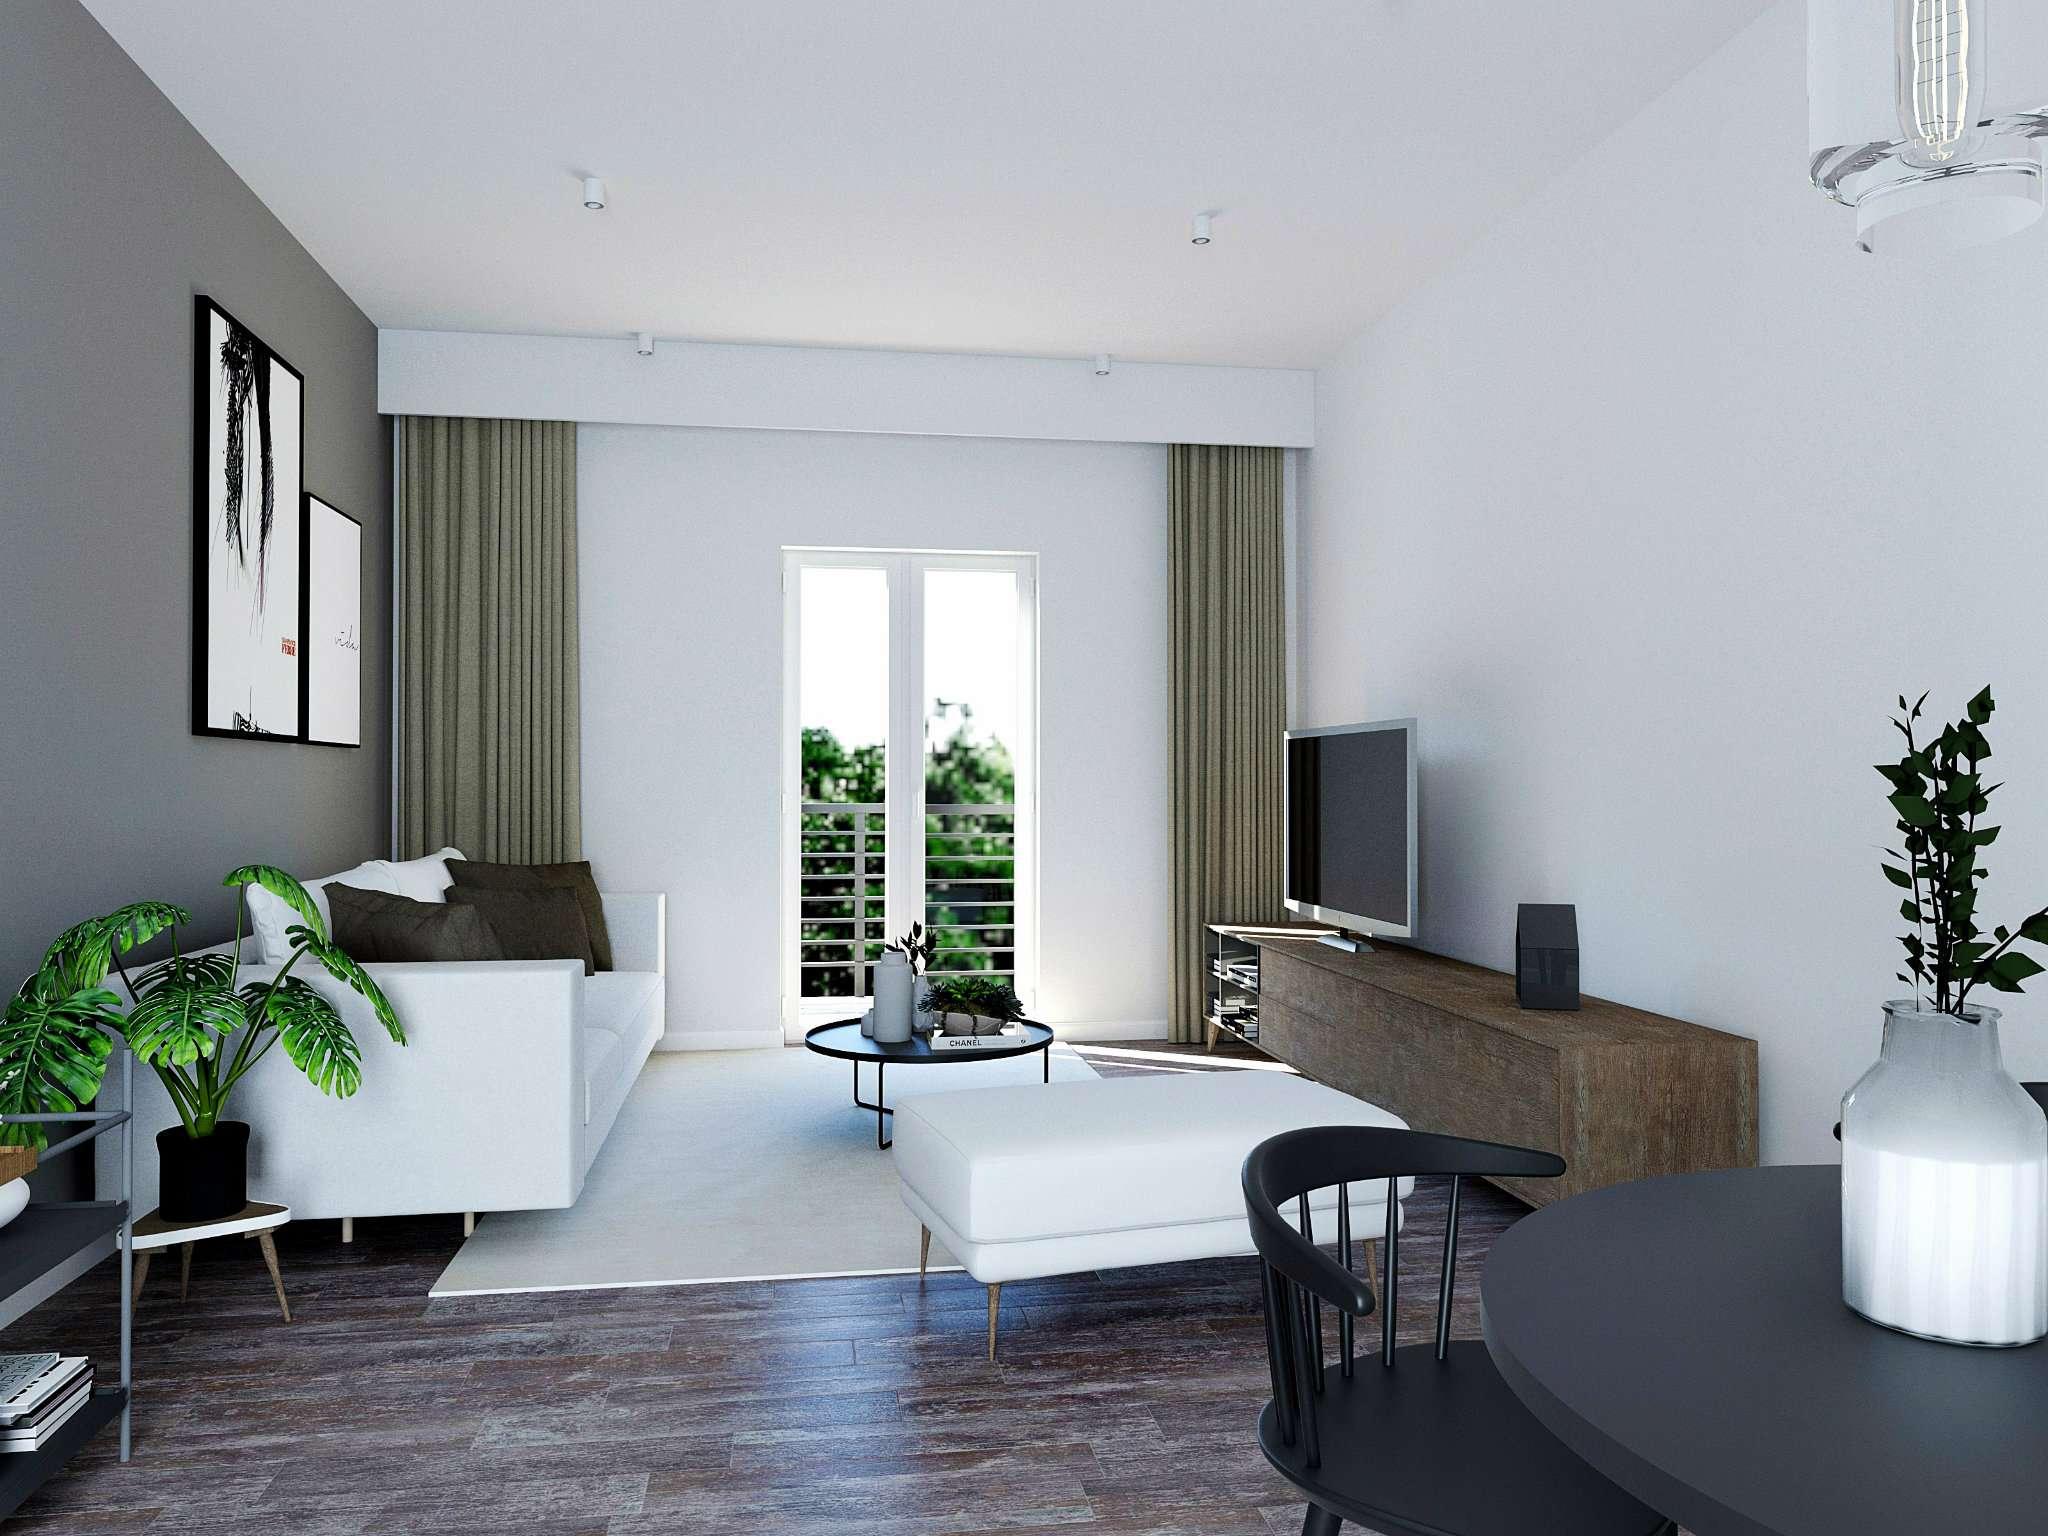 Appartamento in vendita a Vimercate, 3 locali, prezzo € 153.000   CambioCasa.it